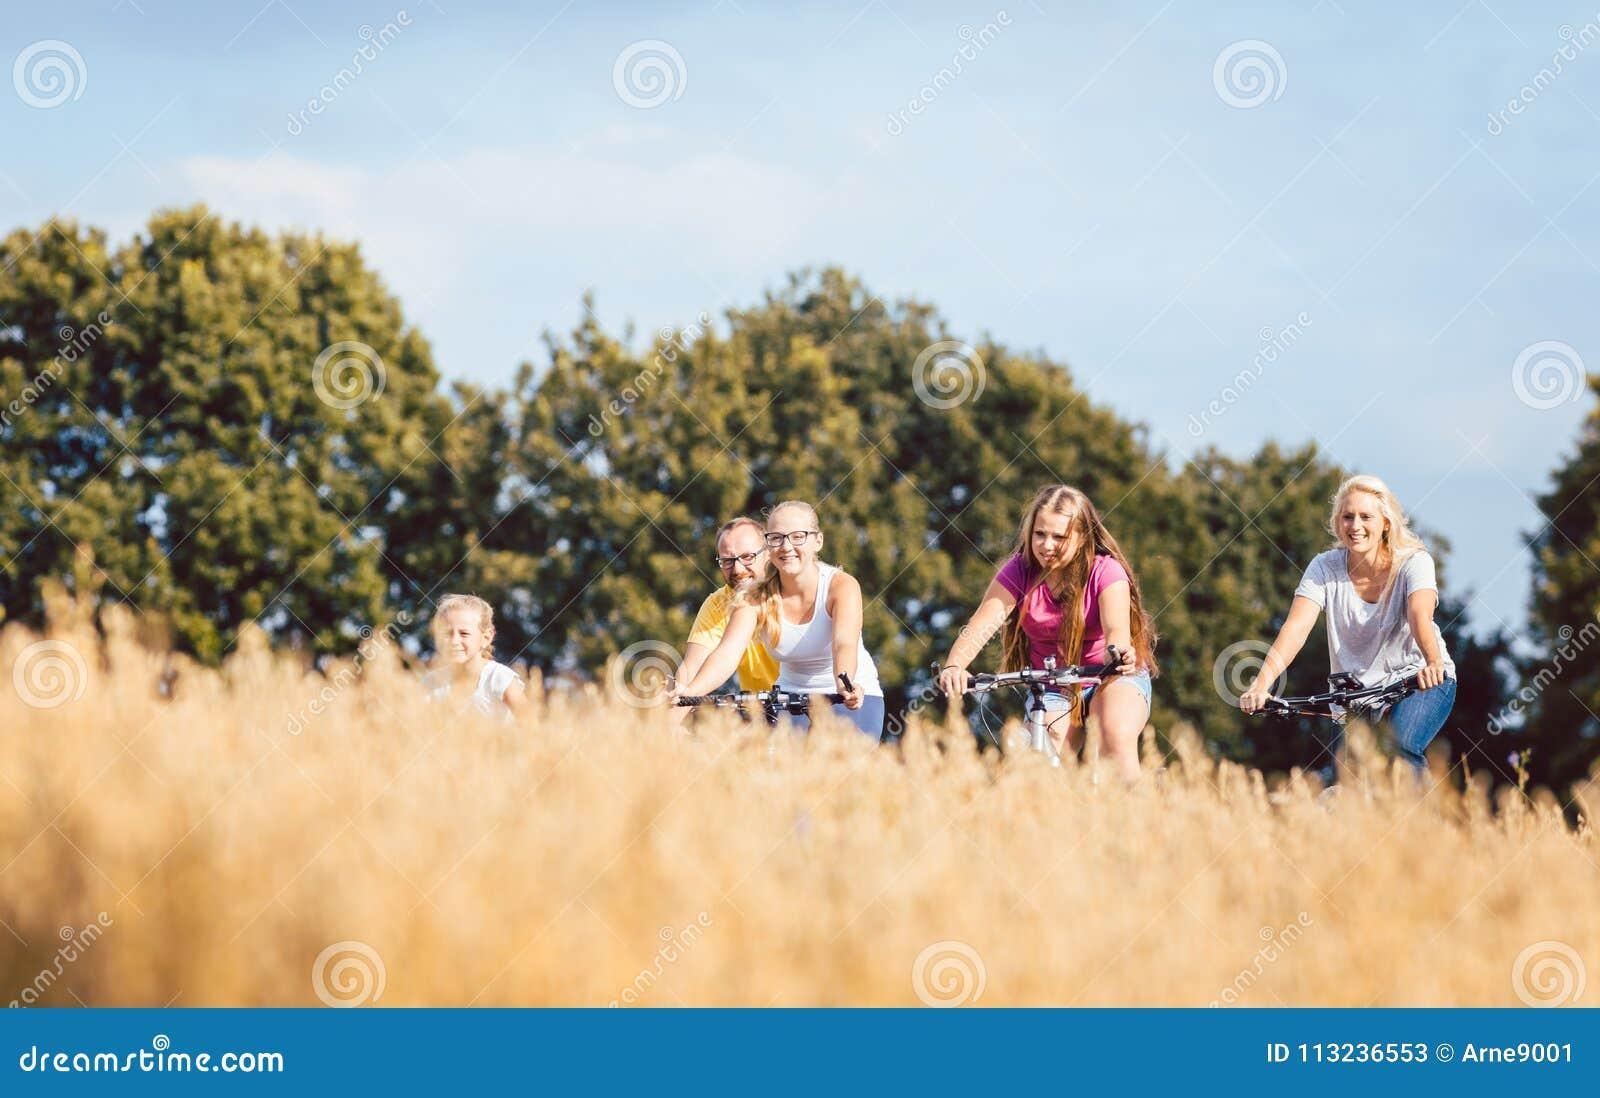 La famille montant leurs vélos a tiré au-dessus d un champ de grain